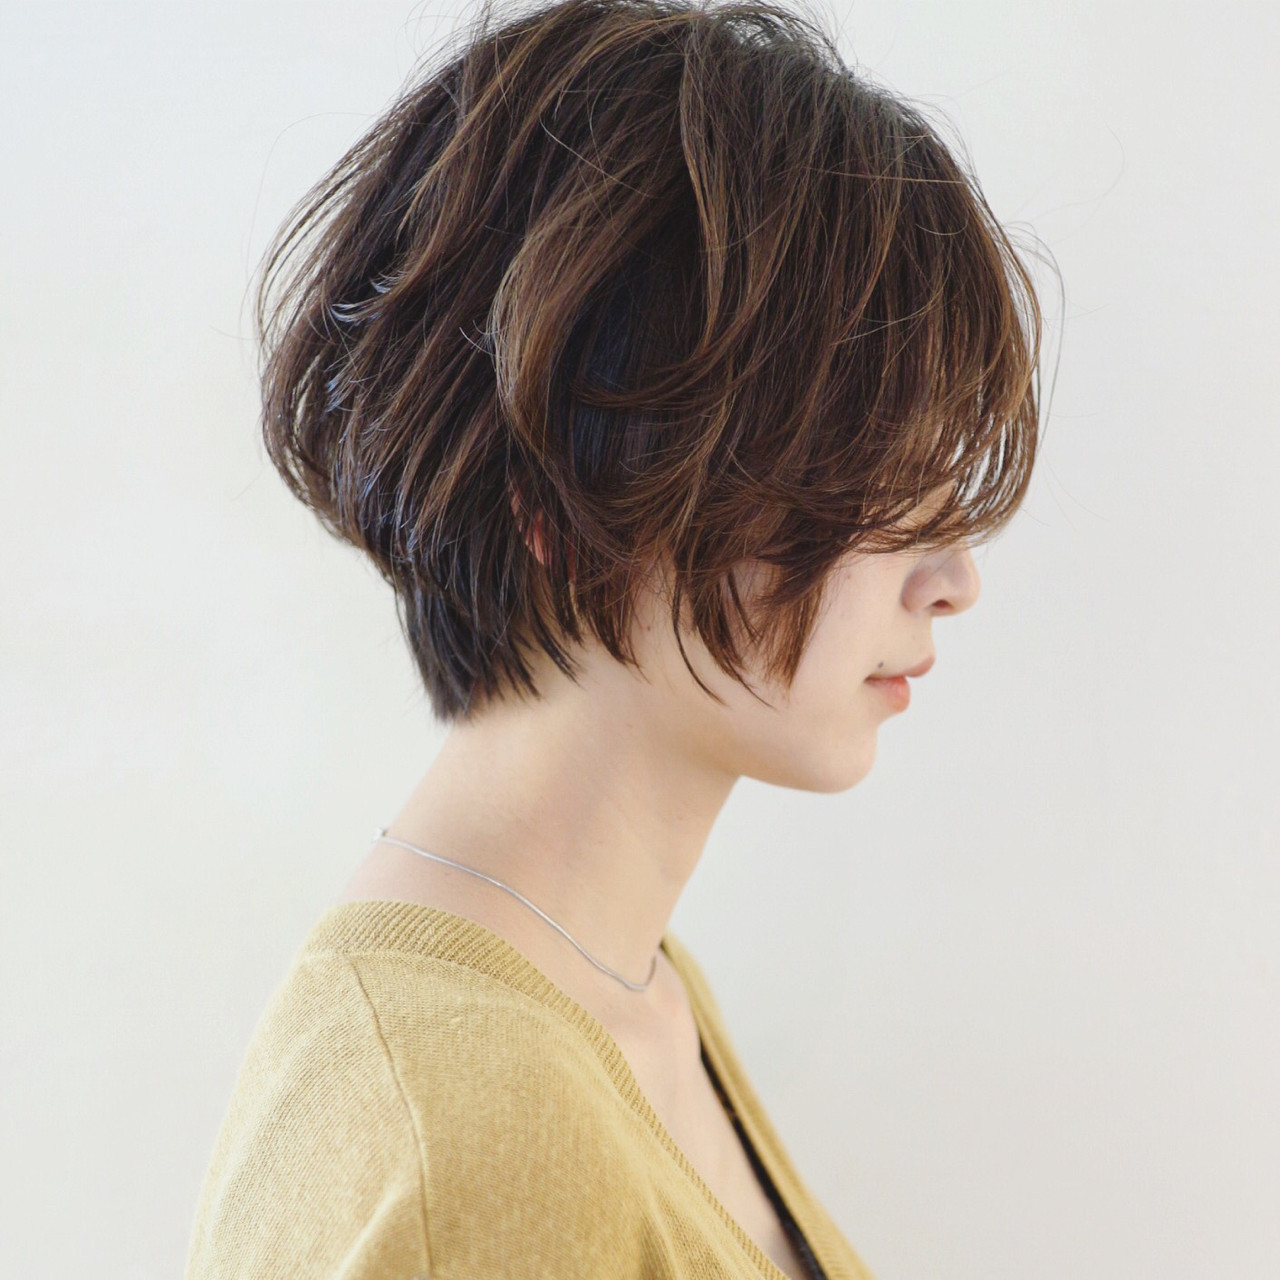 ナチュラル グラデーションカラー ショート バレイヤージュ ヘアスタイルや髪型の写真・画像